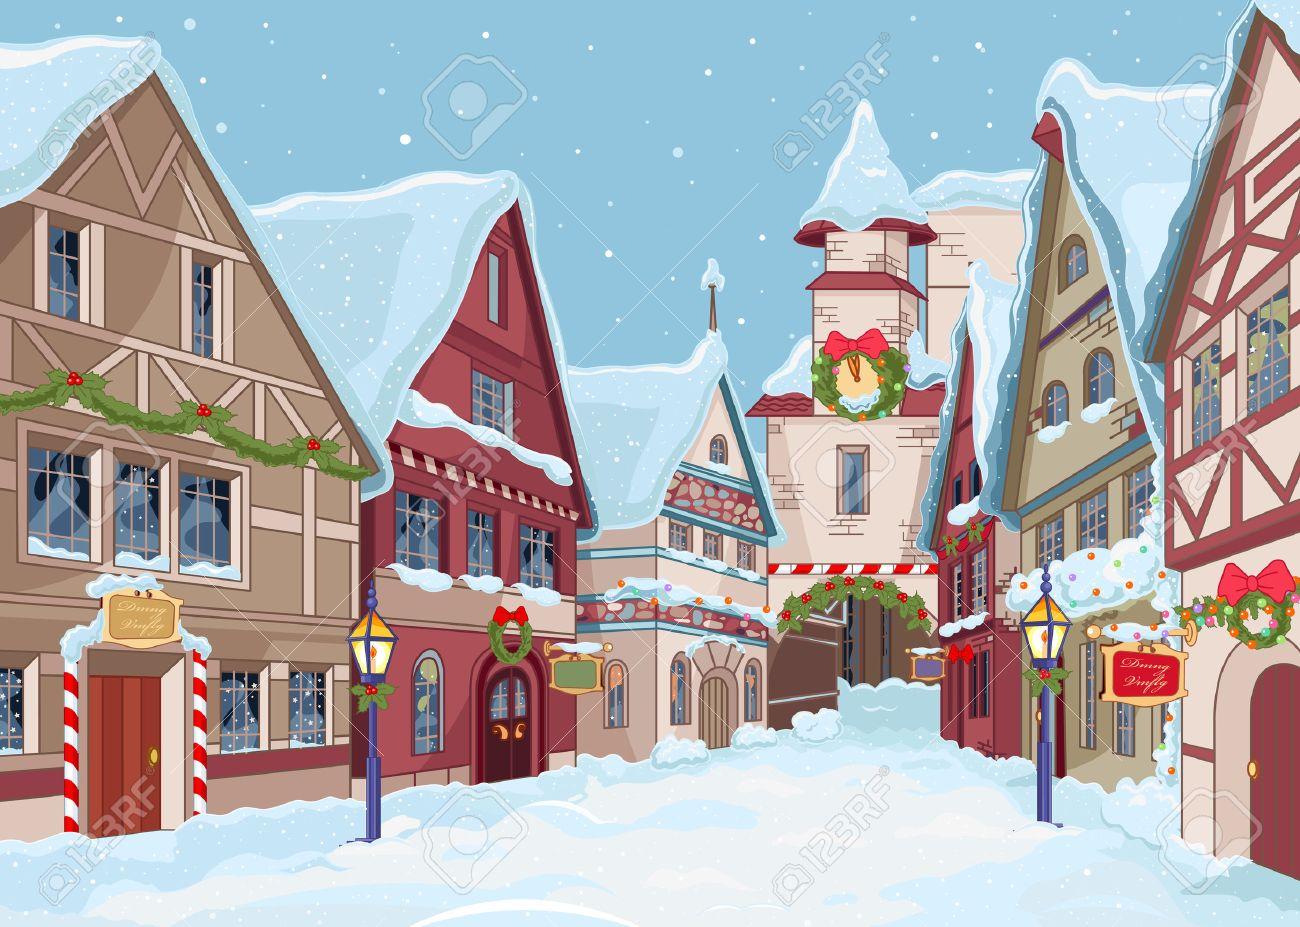 冬の日のクリスマスの街並みのイラスト素材ベクタ Image 24058620